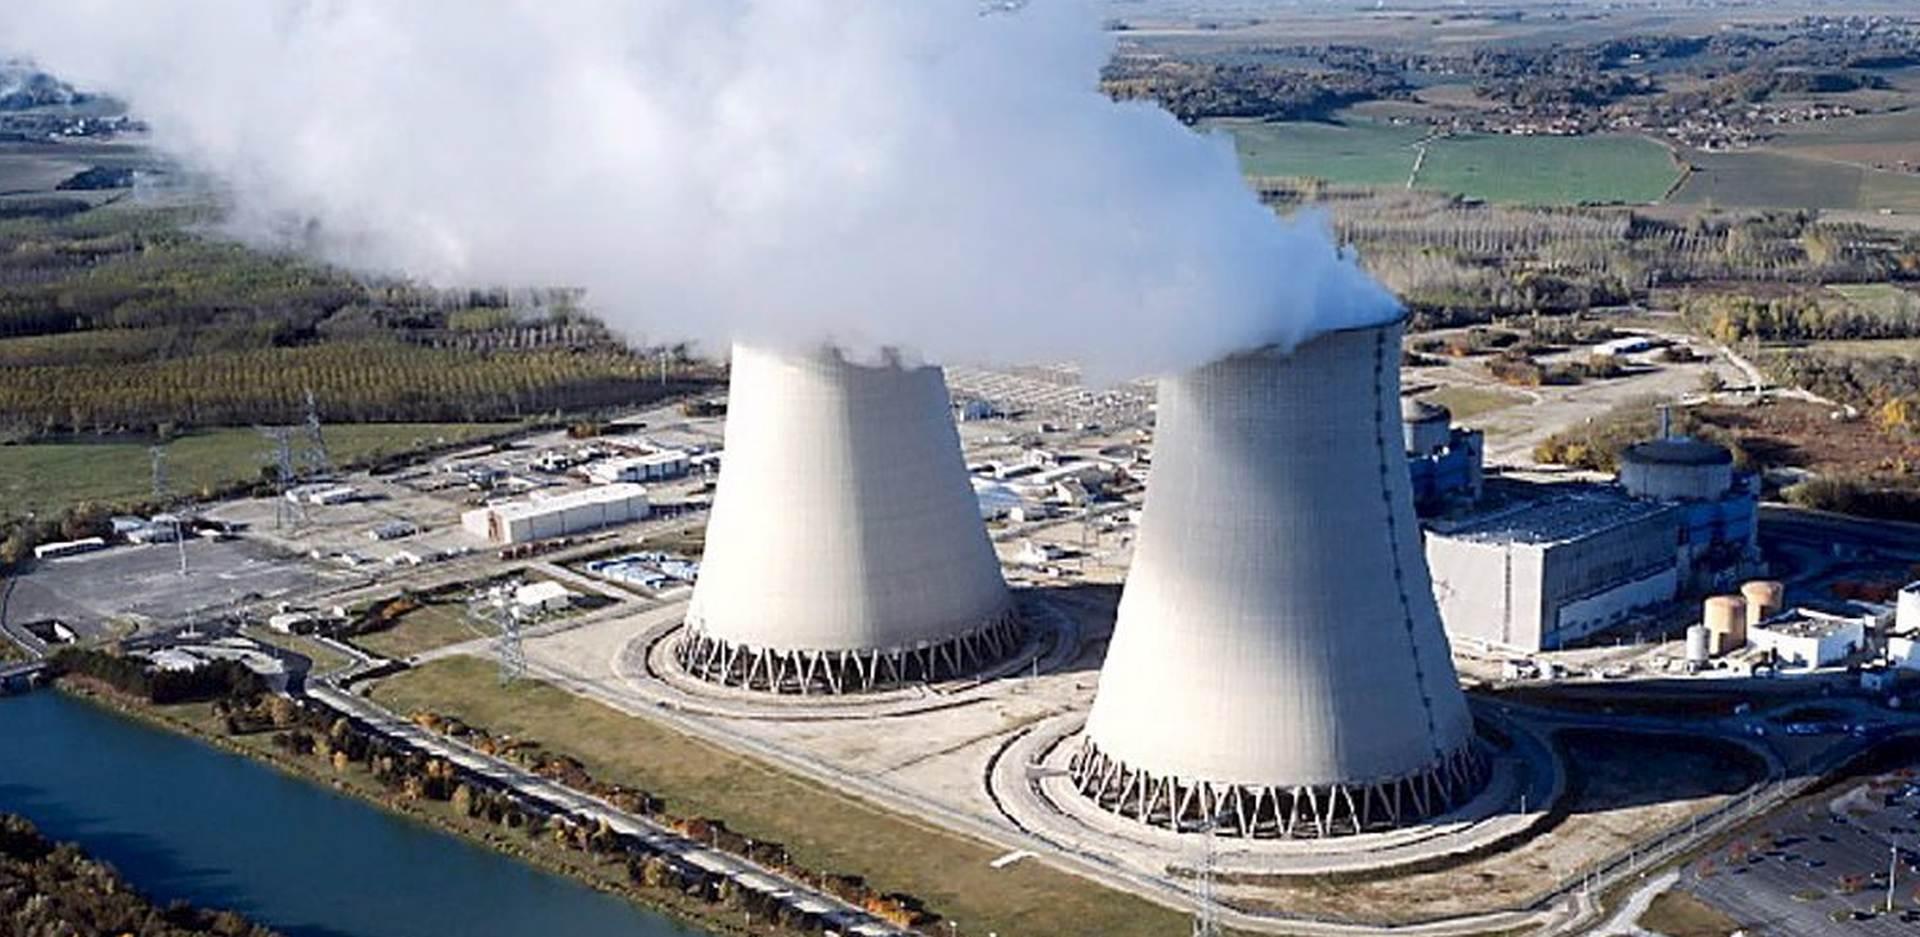 PRVI NAKON FUKUSHIME: Ponovno puštanje u rad japanskog nuklearnog reaktora